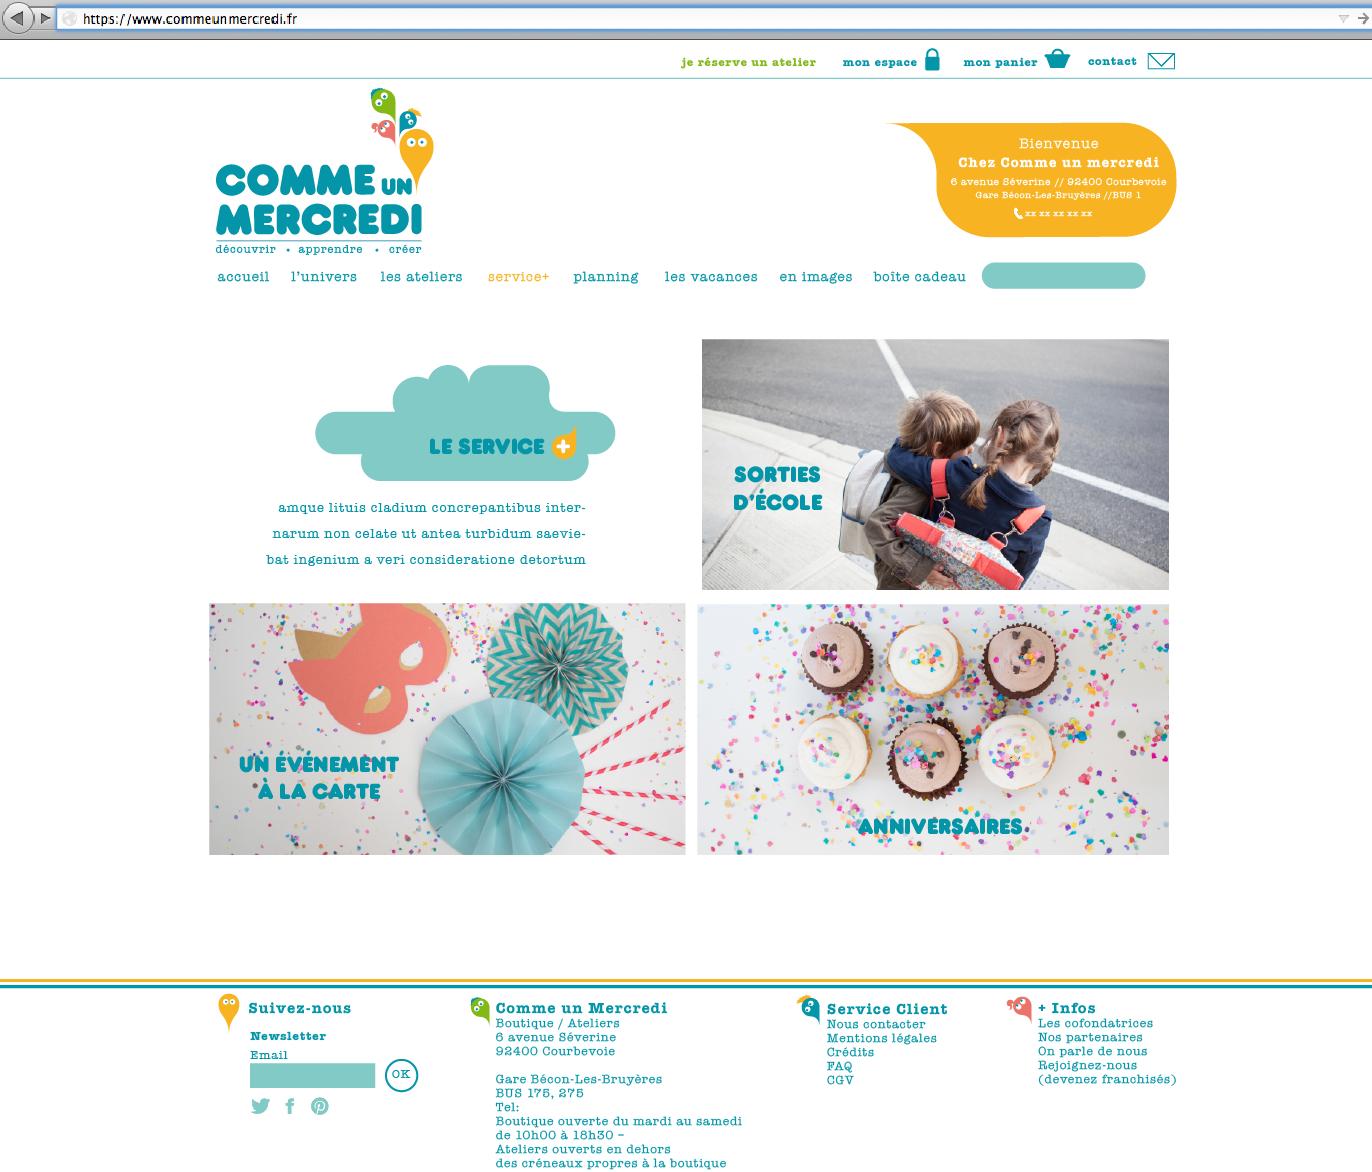 SERVICE +-AVEC PHOTOS-COMME-UN MERCERDI-28-04-03.png